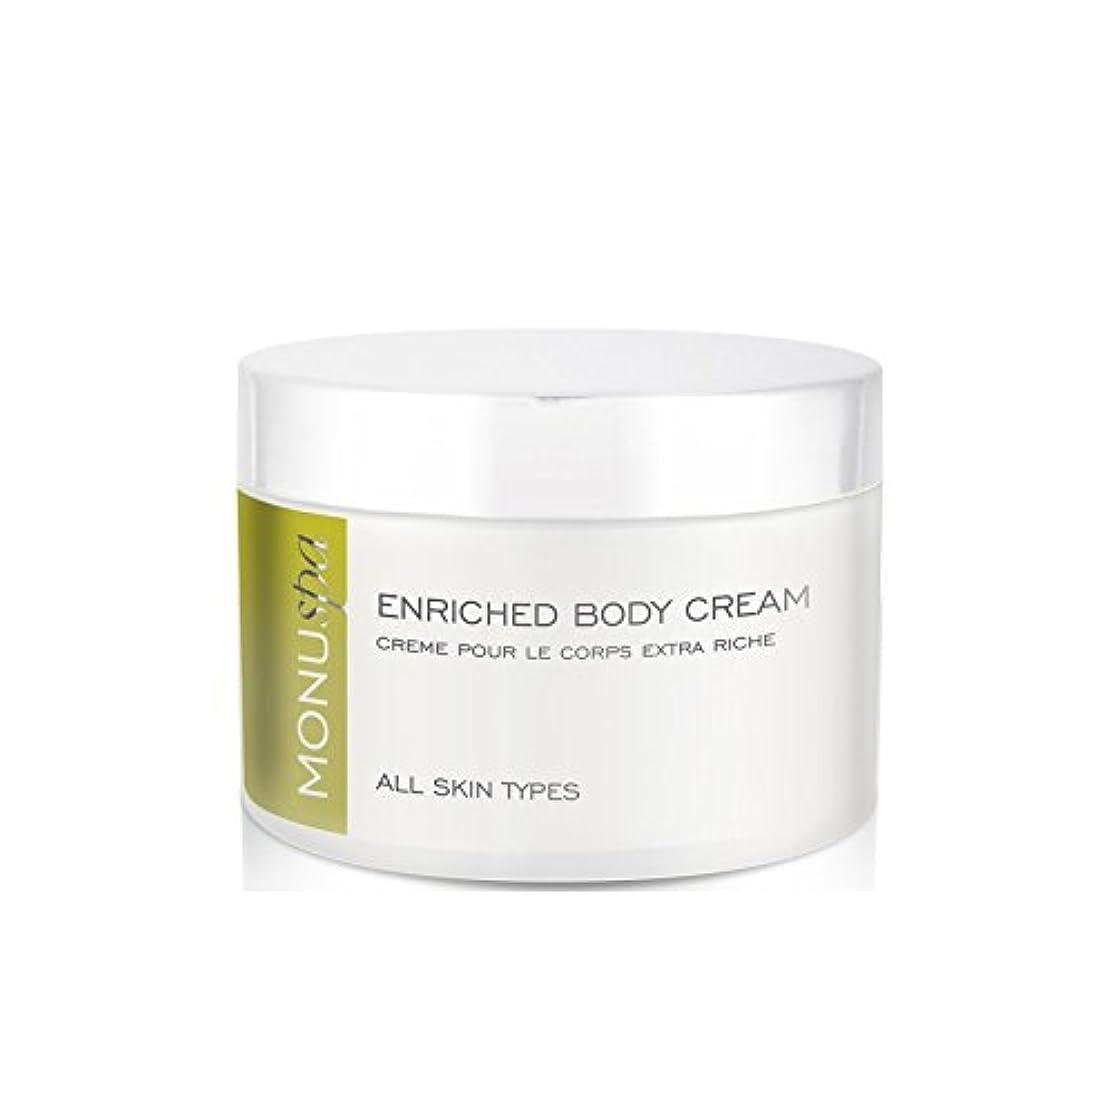 ランデブー言語学警官濃縮ボディクリーム200ミリリットル x2 - MONUspa Enriched Body Cream 200ml (Pack of 2) [並行輸入品]